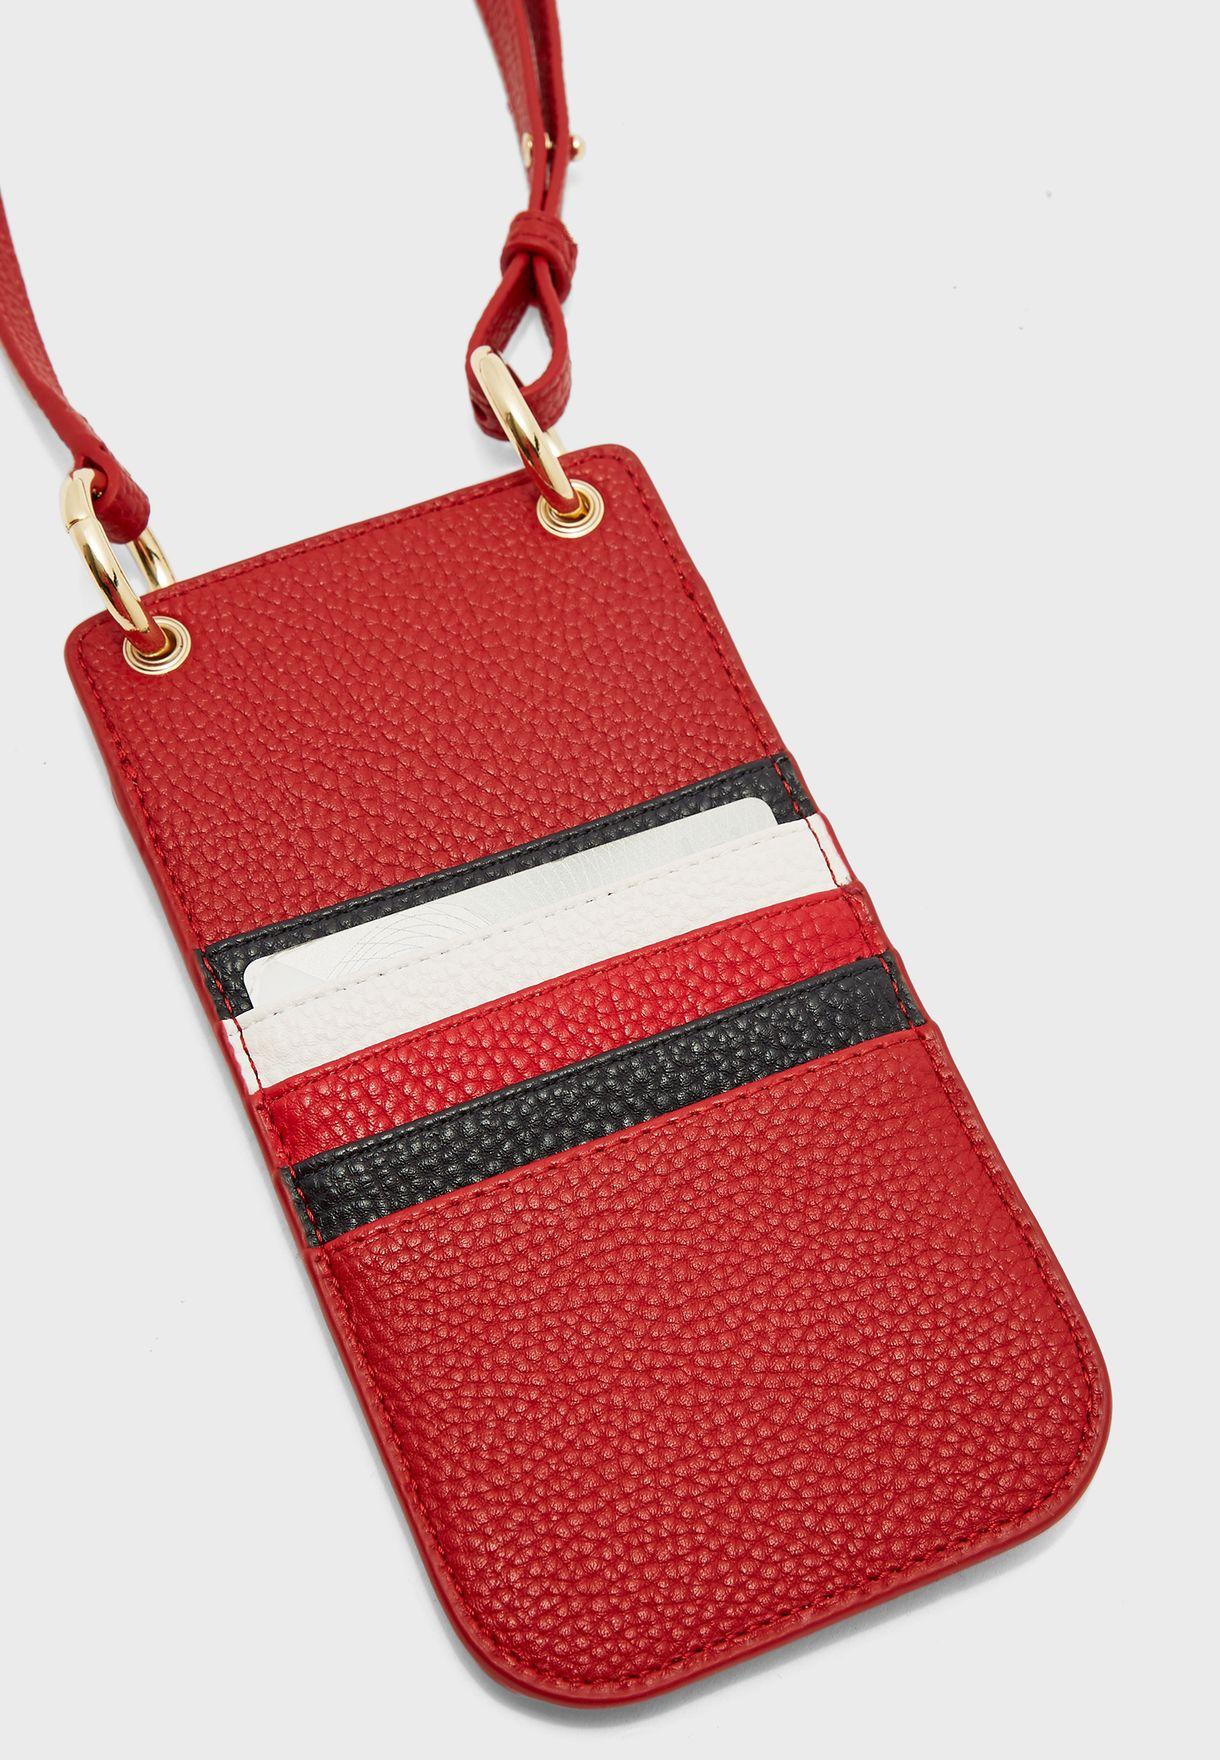 محفظة هاتف وبطاقات بحمالة كتف رفيعة